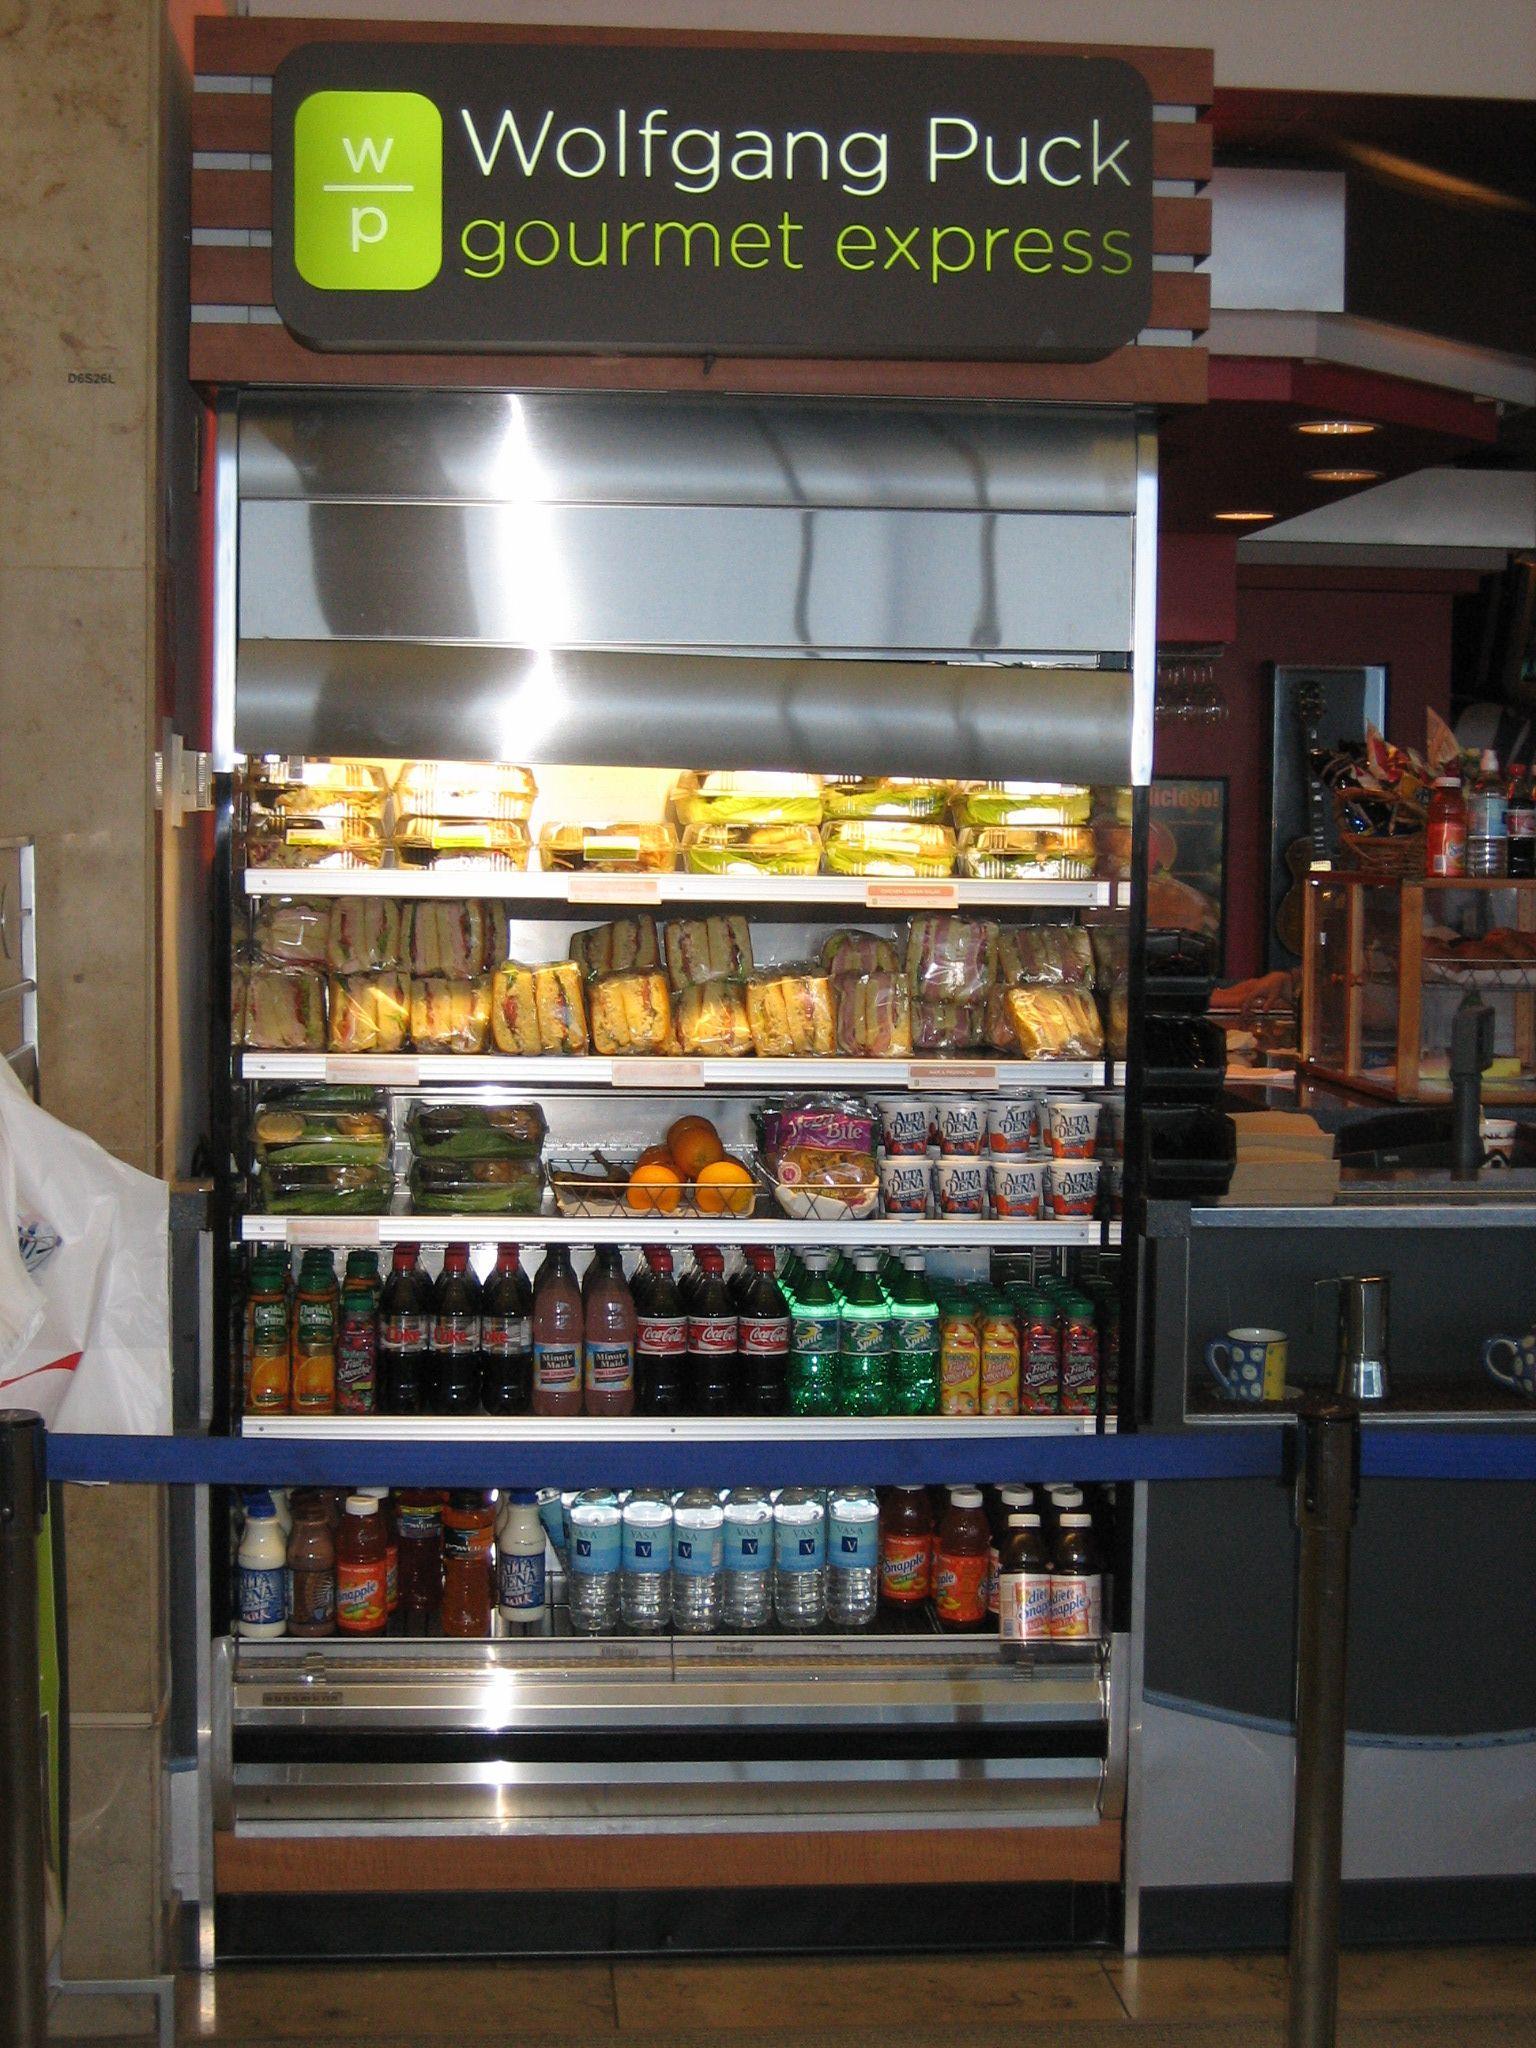 wolfgang puck express - Google Search   Food Kiosks   John